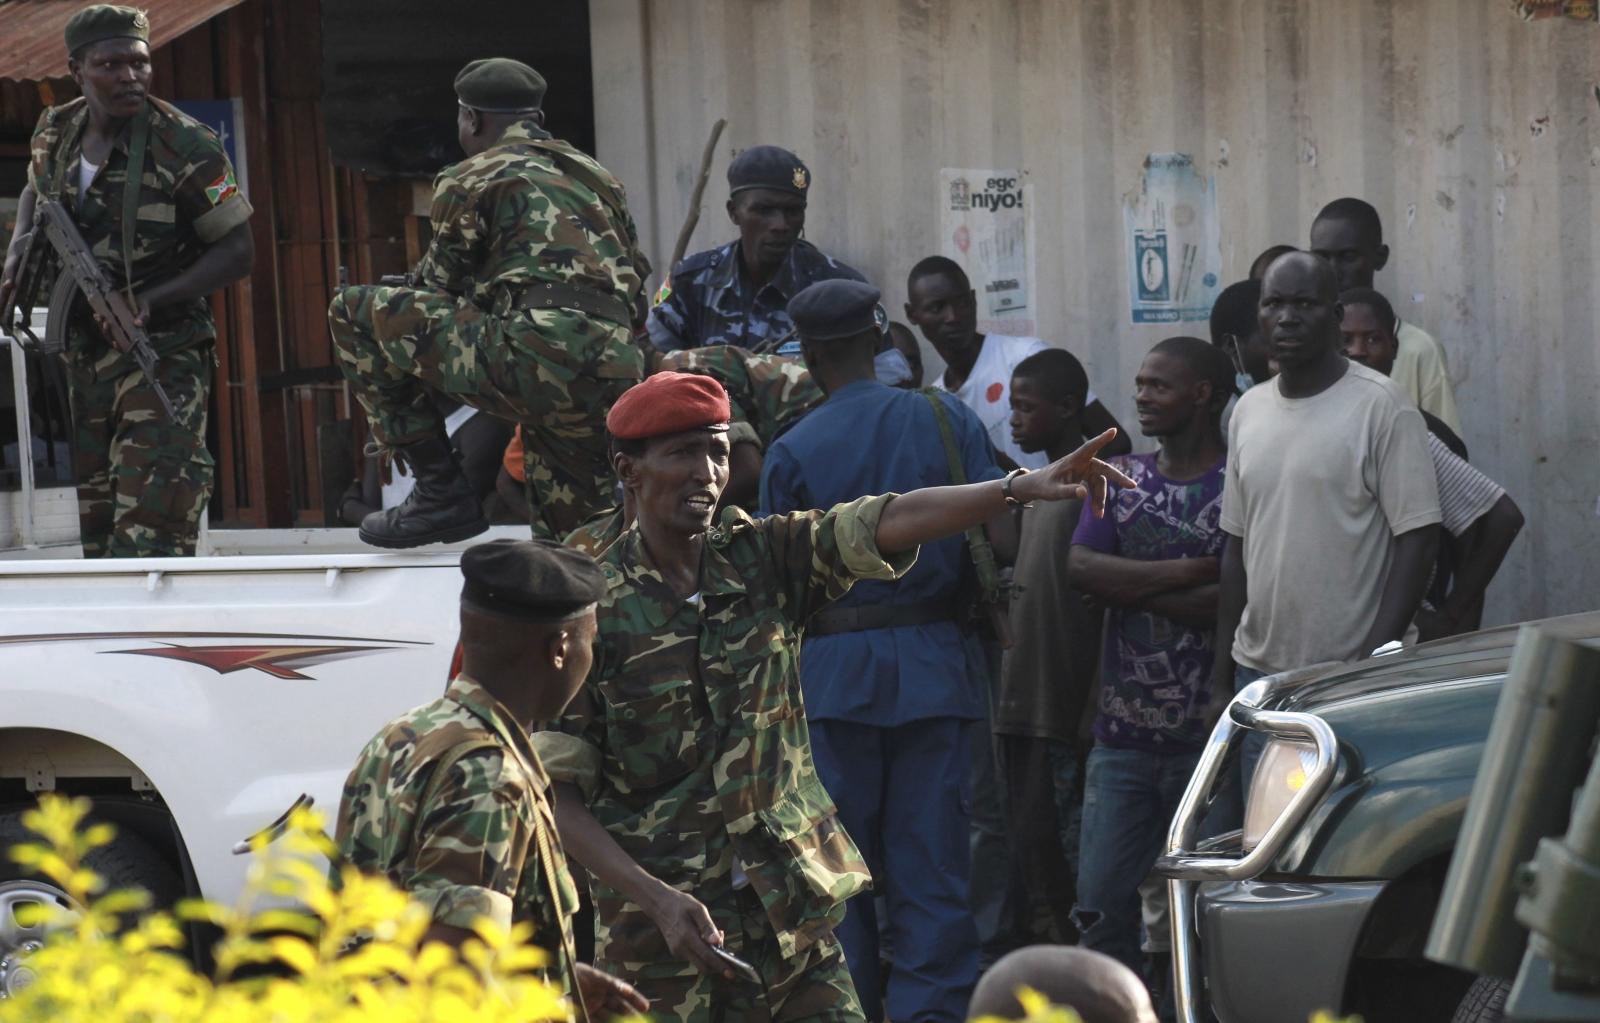 Burundi General Cyrille Ndayirukiye